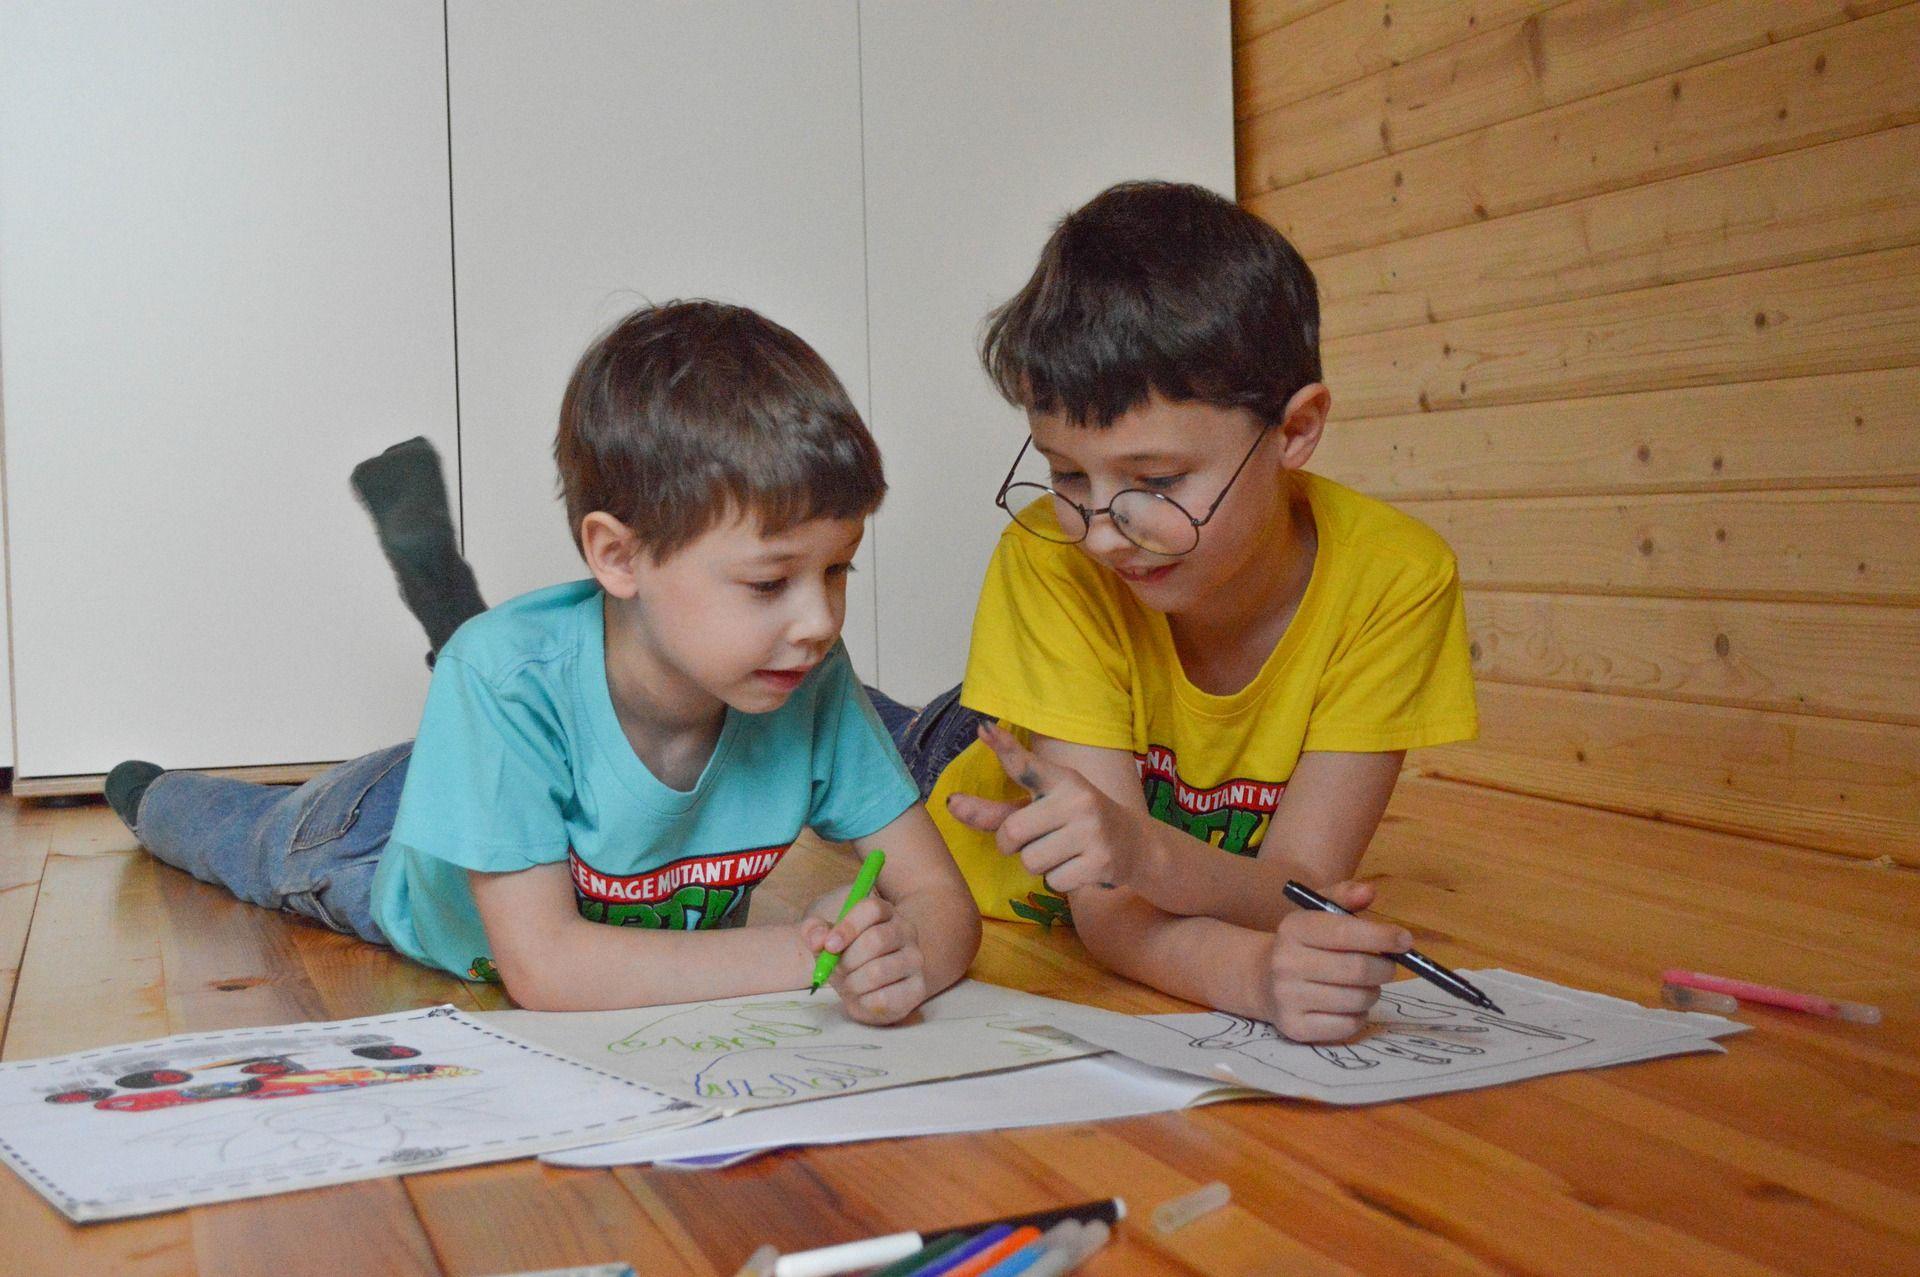 אזור עבודה לילדים